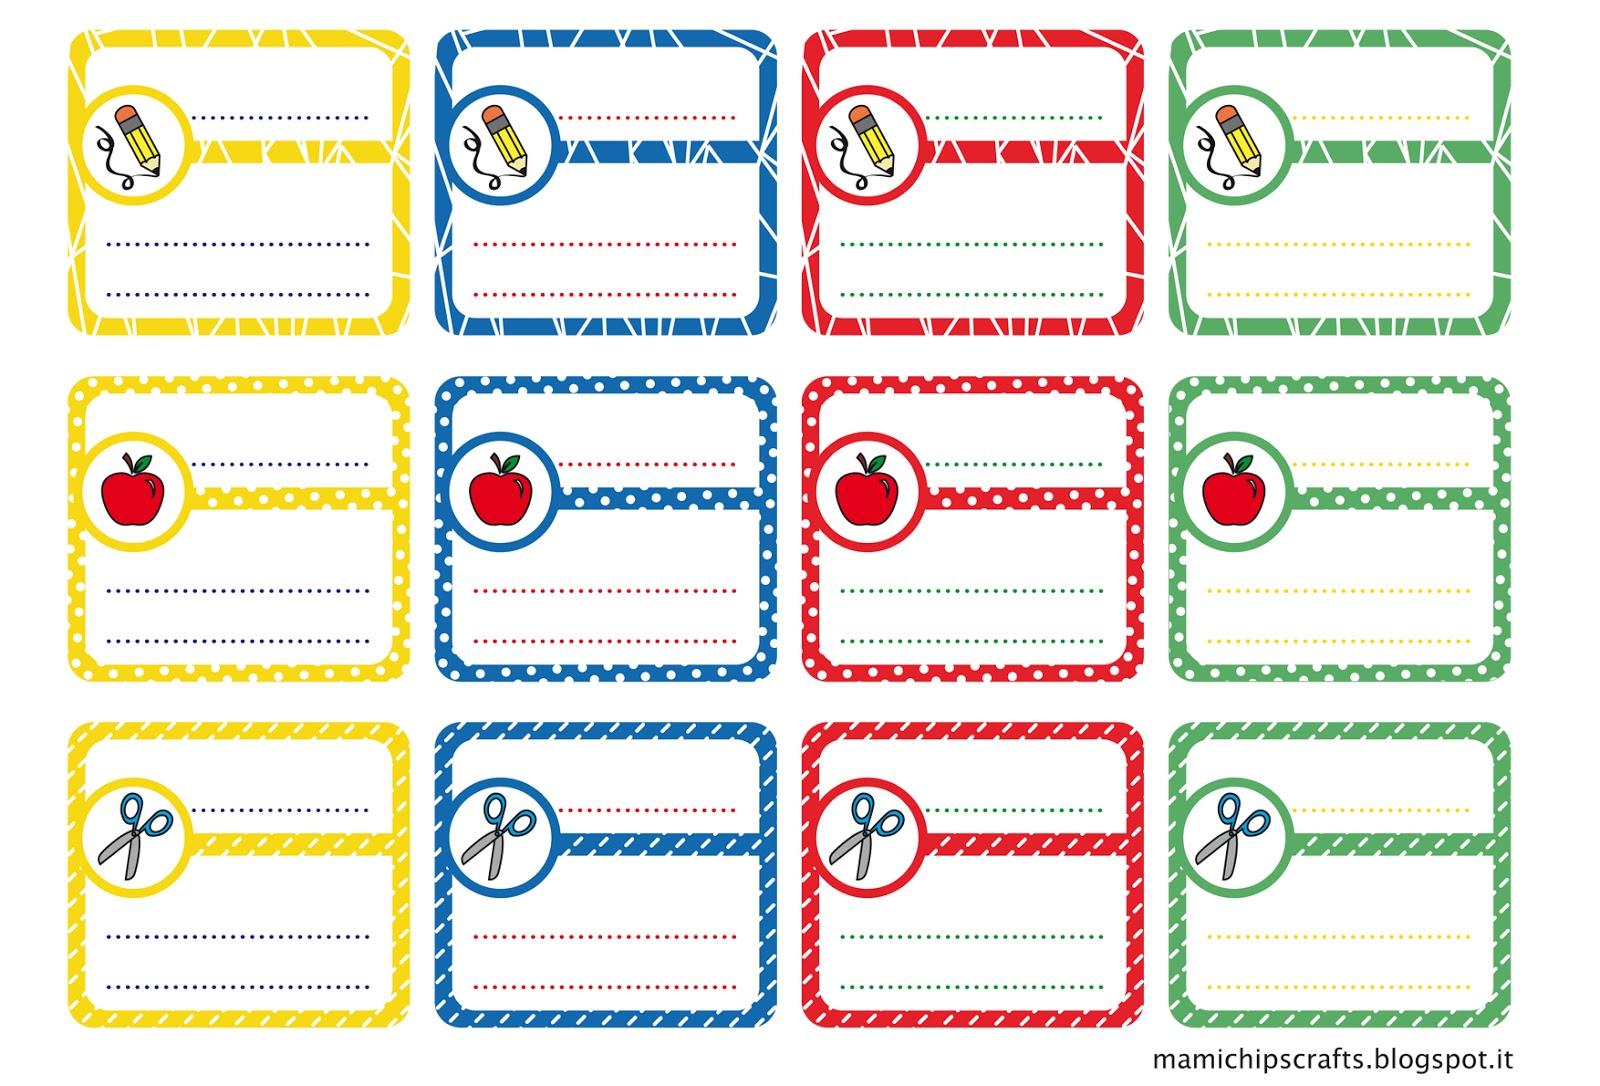 Favoloso mami chips & crafts: Etichette per la scuola personalizzate LS52